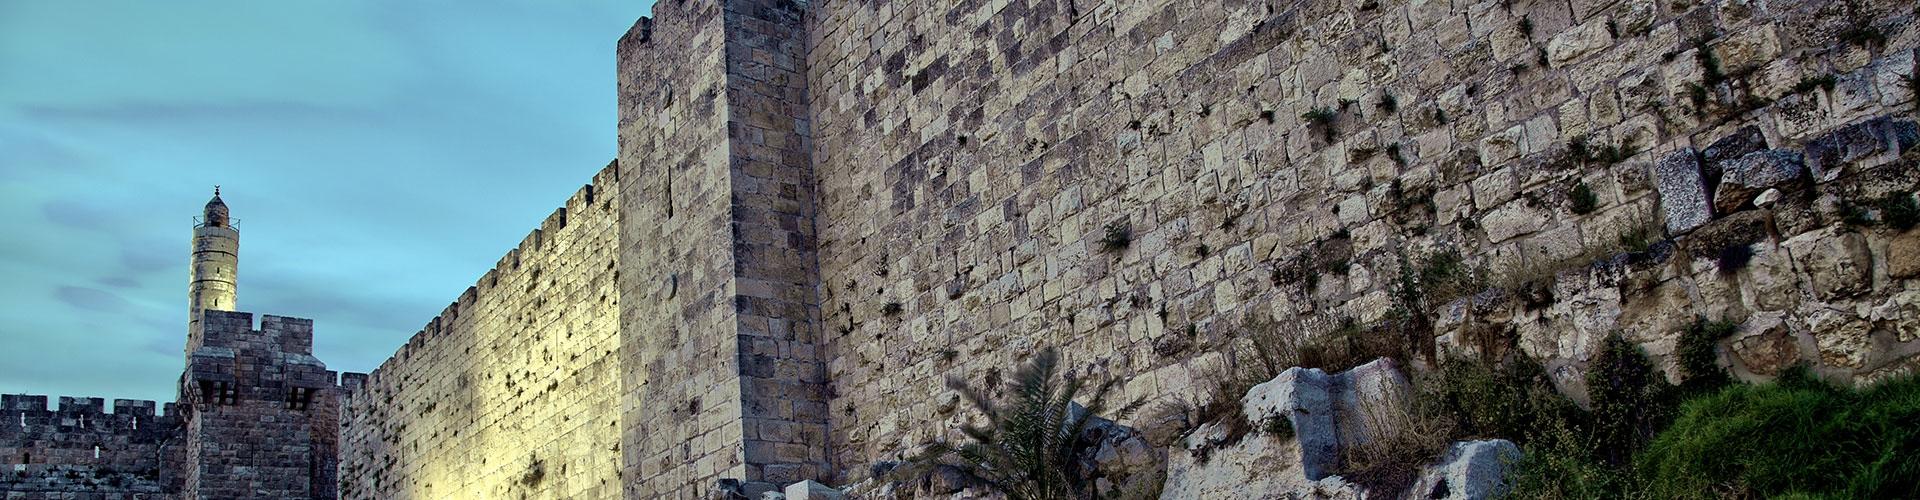 Трансфер на экскурсии из Эйлата на отдыхе в Израиле